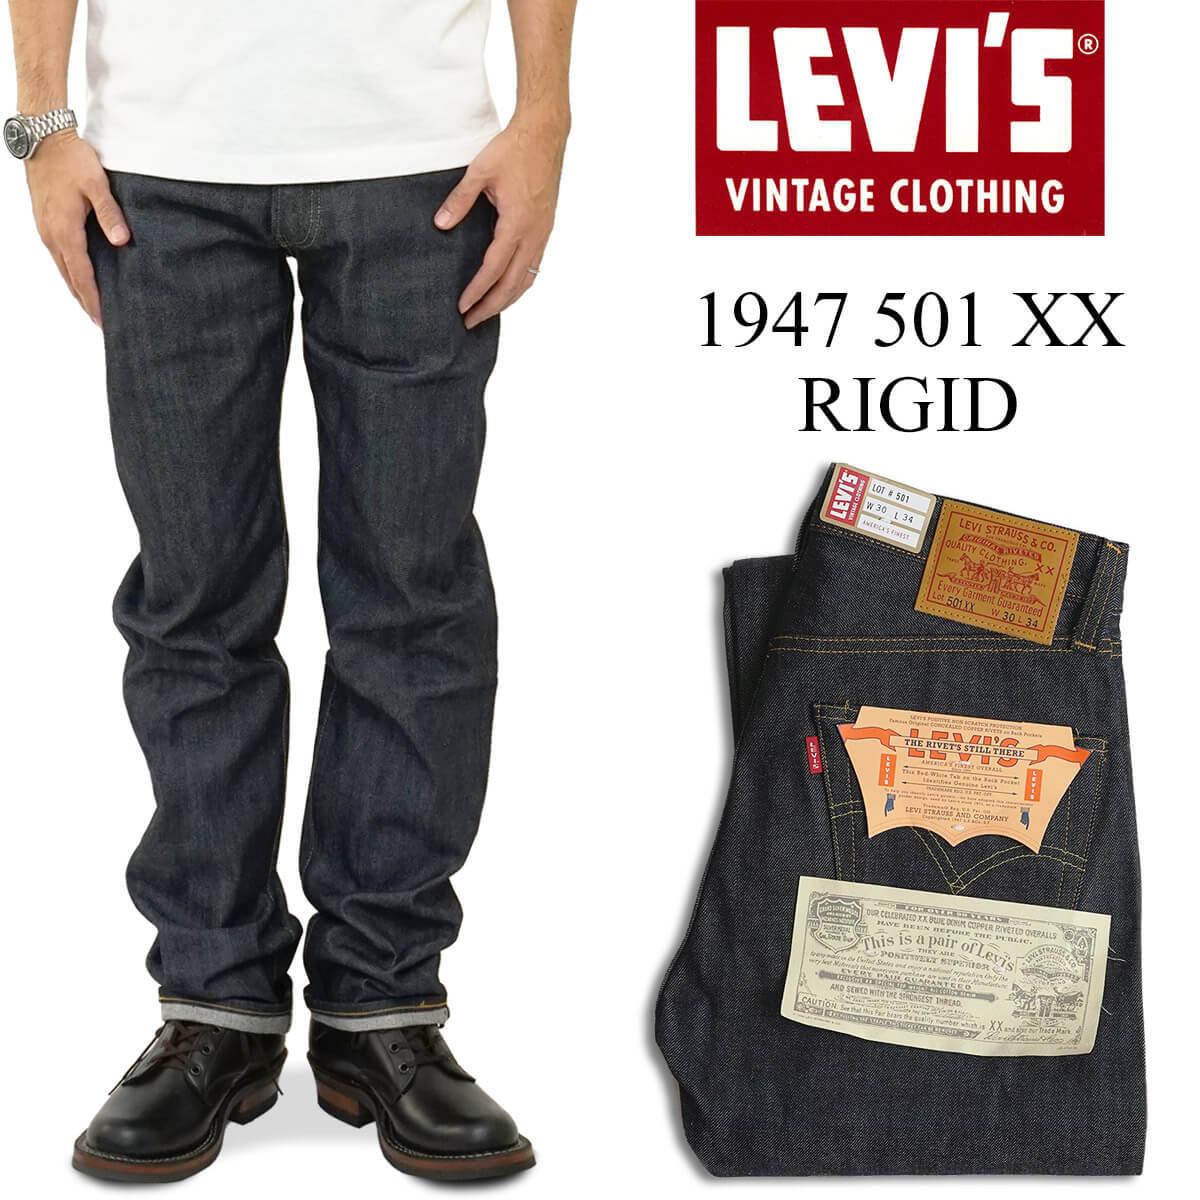 メンズファッション, ズボン・パンツ  LEVIS VINTAGE CLOTHING 1947s 501XX LVC 47501-0200 RIGID 1947 E